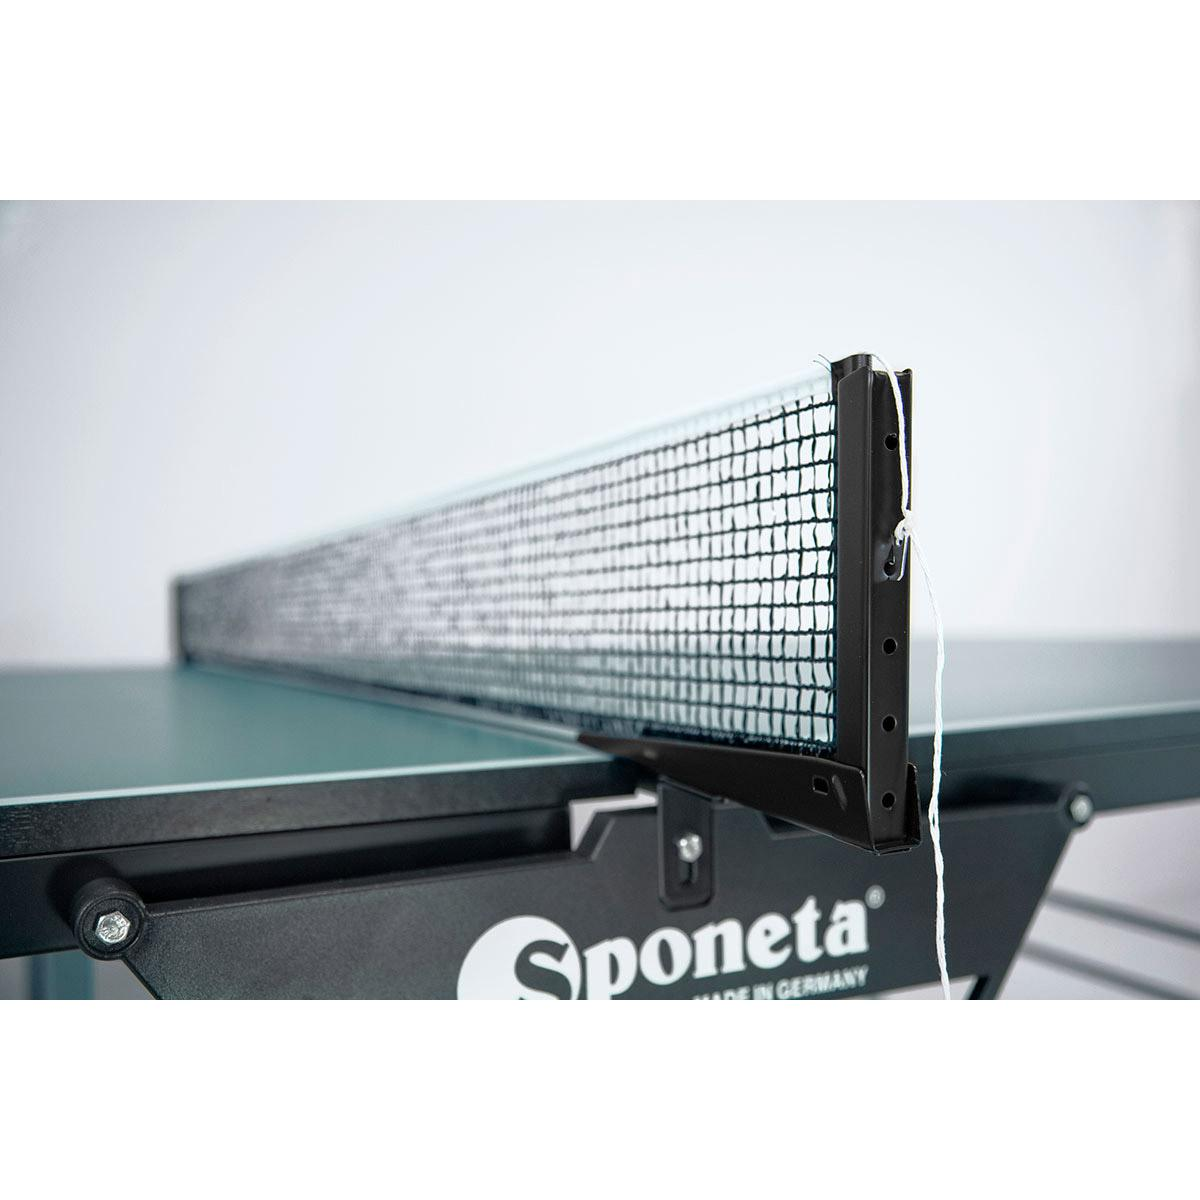 Sponeta sportline rollaway playback 19mm indoor table tennis table green - Sponeta table tennis table ...